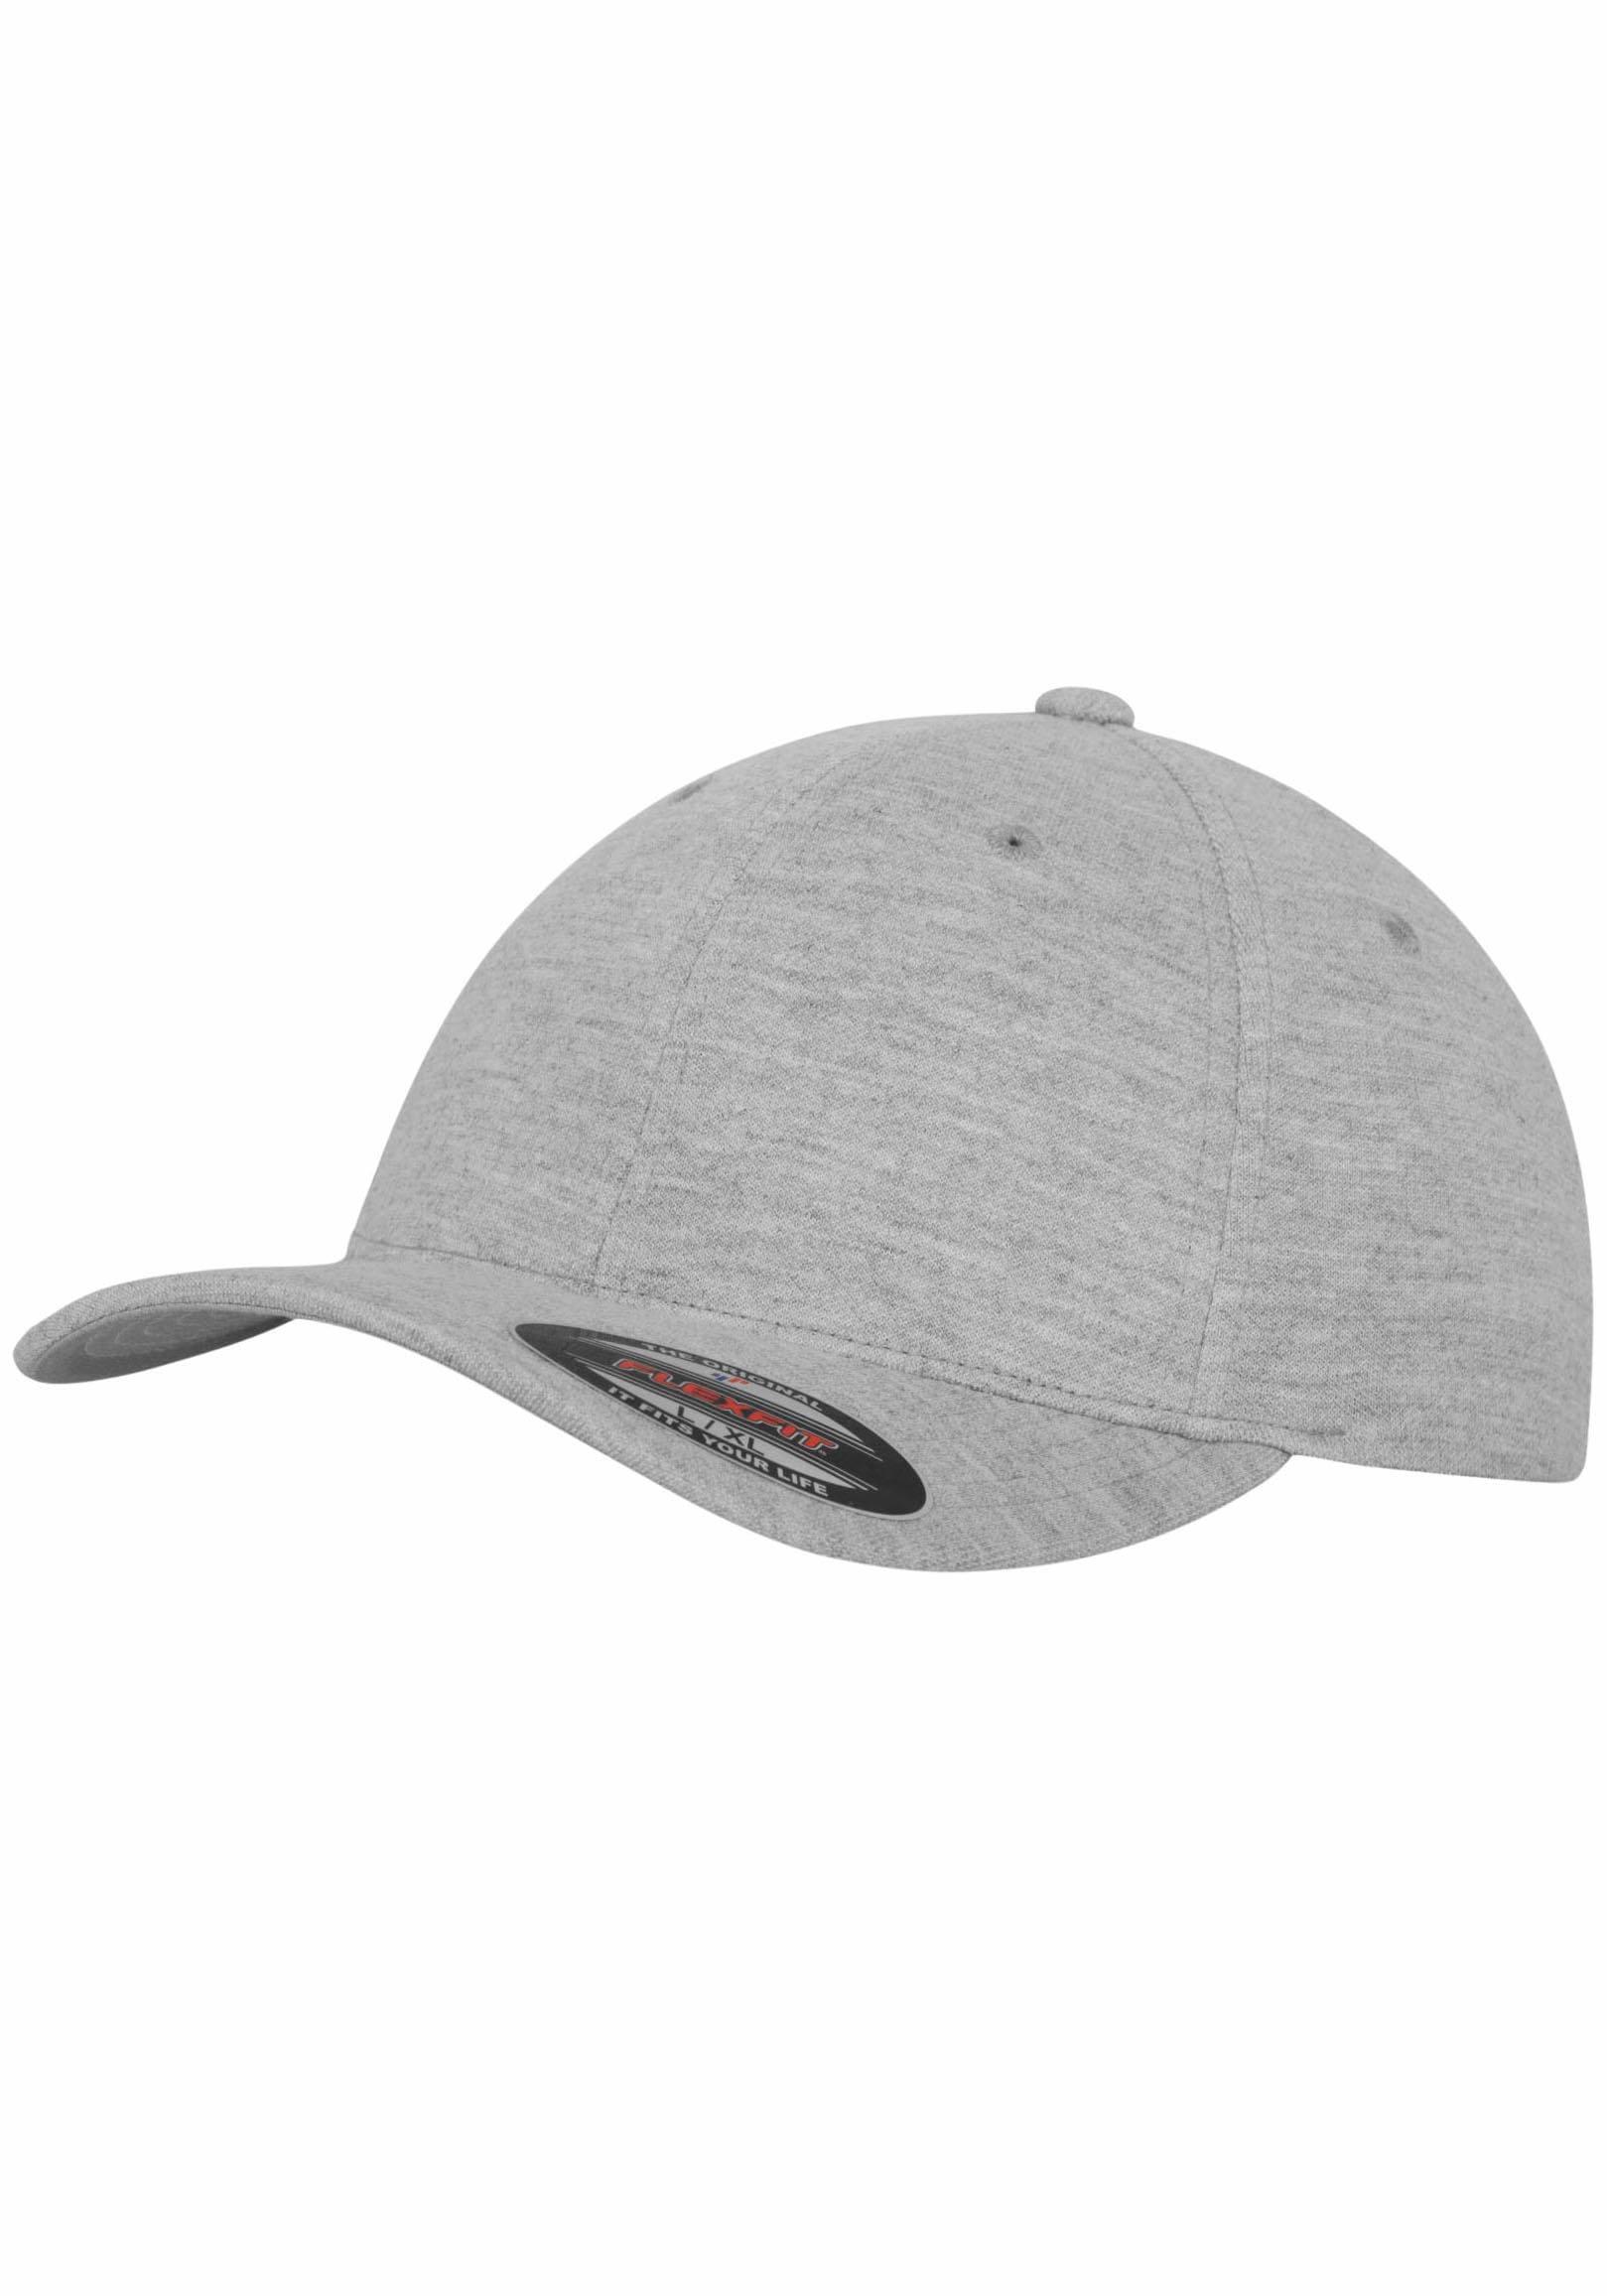 flexfit -  Baseball Cap, Double Jersey, hinten geschlossen